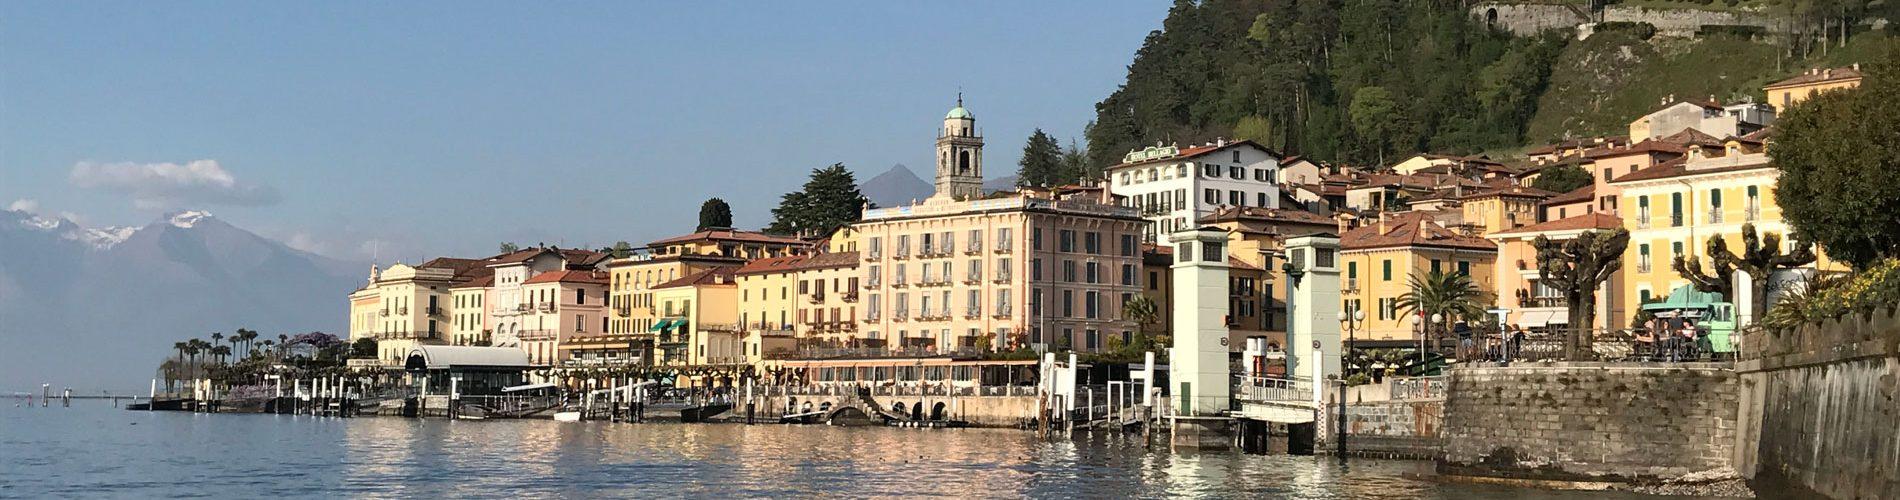 Header-Lake-Como